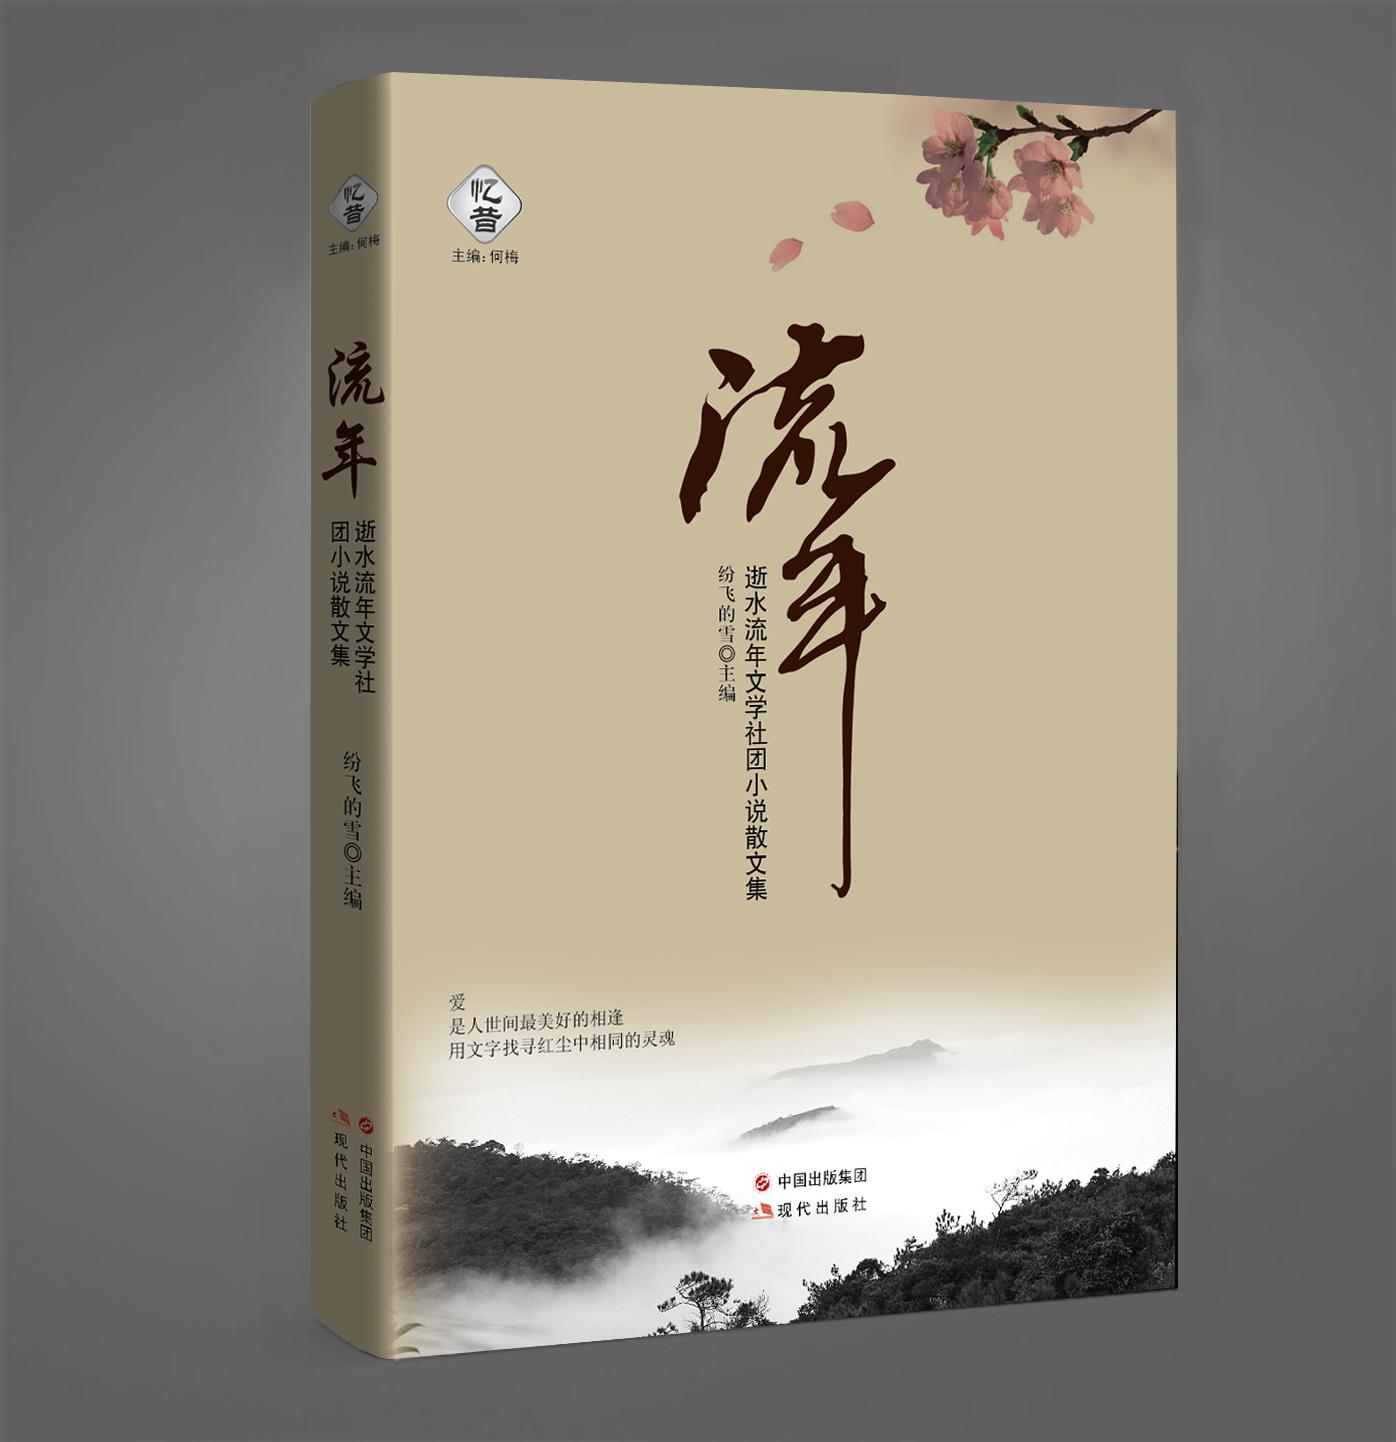 『流年编务』流年文学社团小说散文集封面设计图